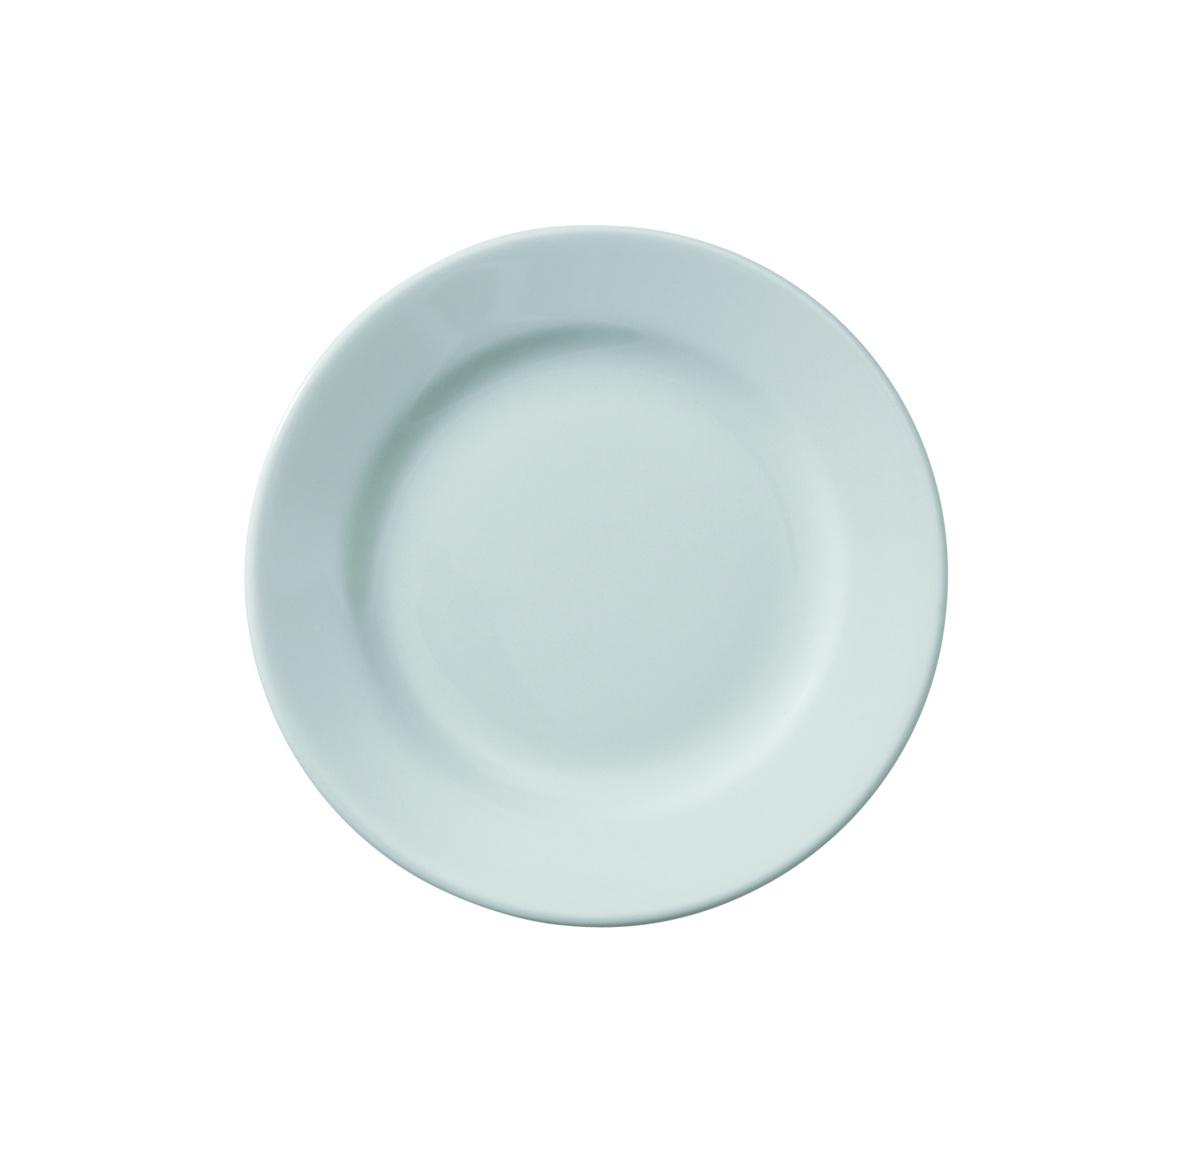 Assiette plate rond ivoire Banquet Rak